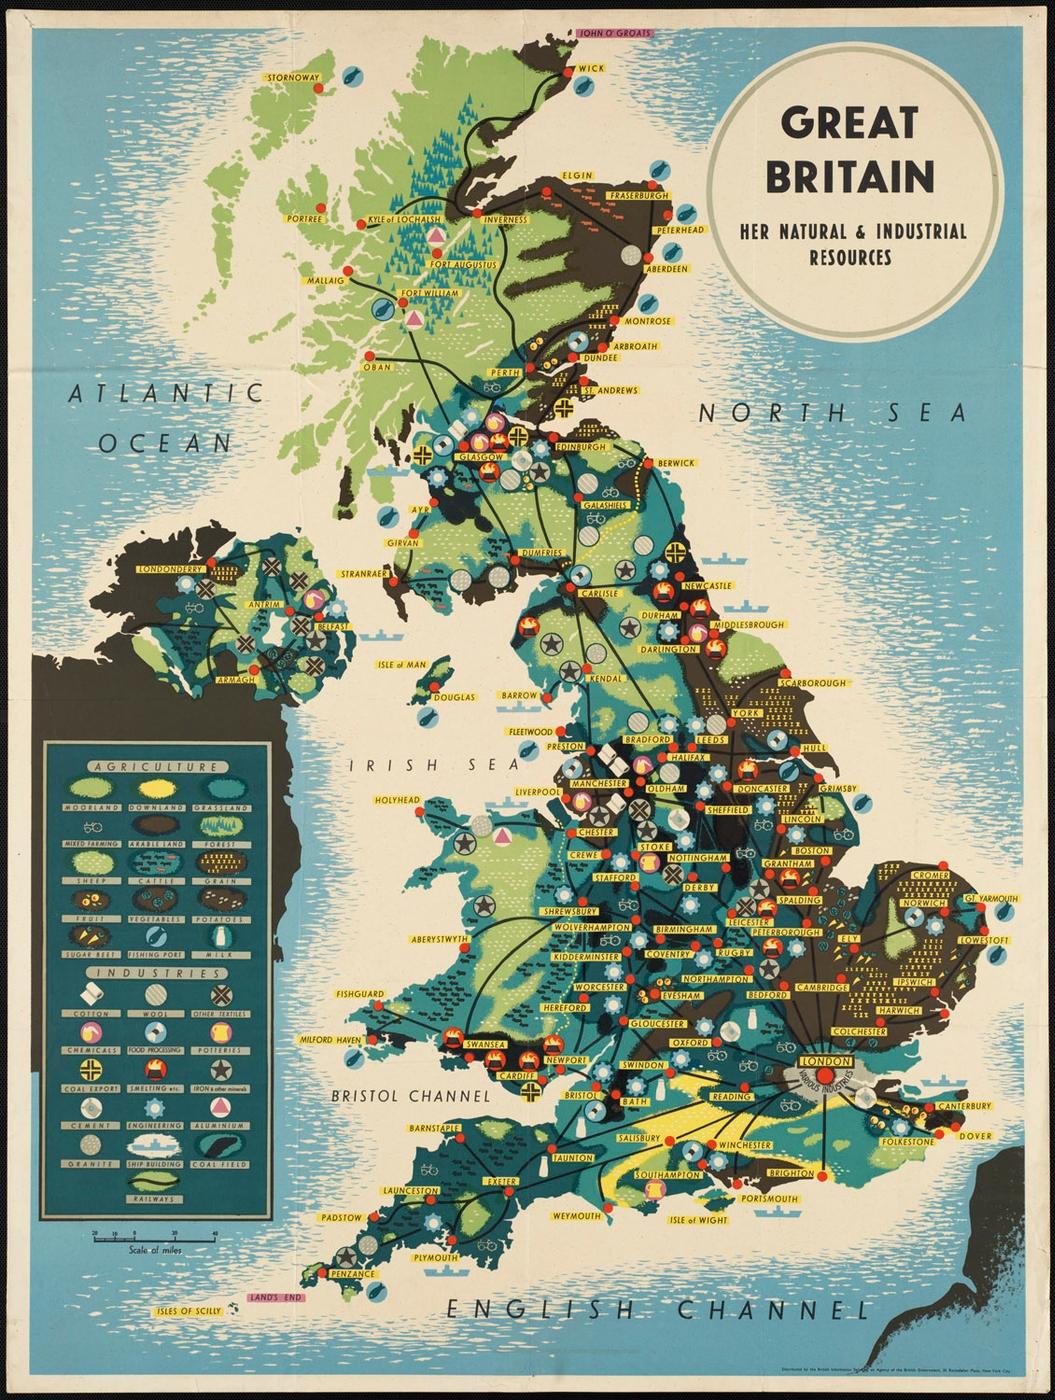 [map] [design] [color] britains_resources_map.jpeg (1130×1500)